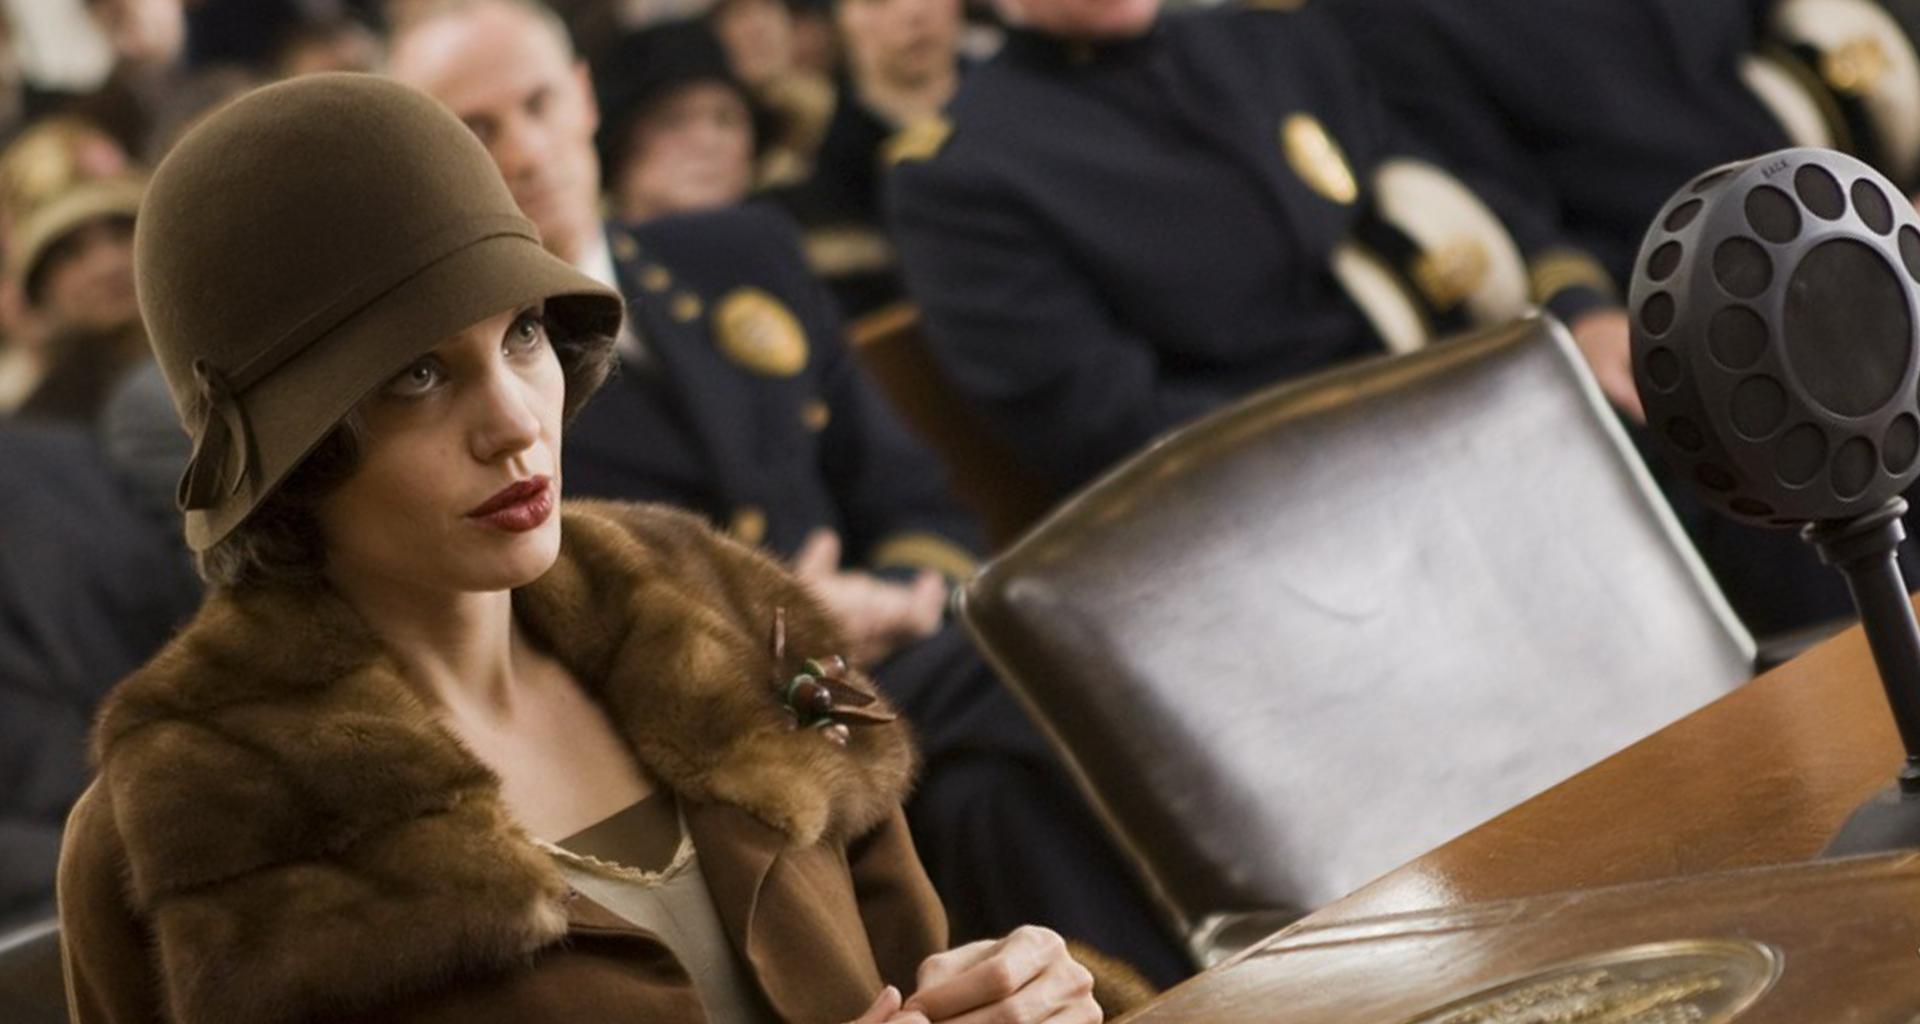 Подмена Джоли Подмена 2008 Фильм подмена с Анджелиной